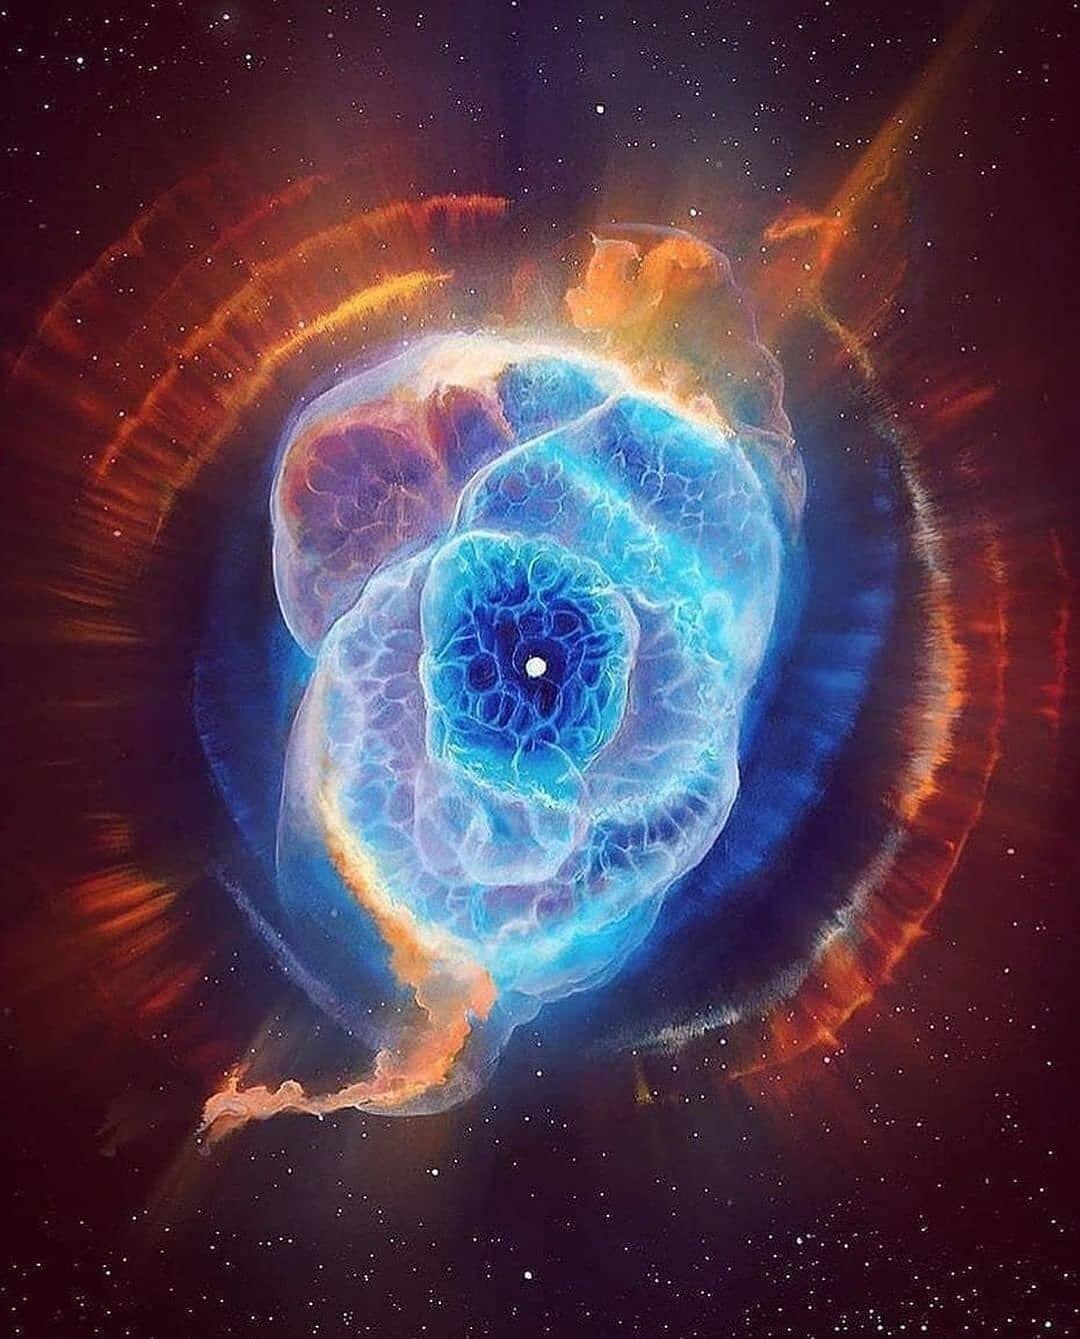 Cat S Eye Nebula Ngc 6543 A Bright Planetary Nebula Hubble Images Nebula Nebula Wallpaper